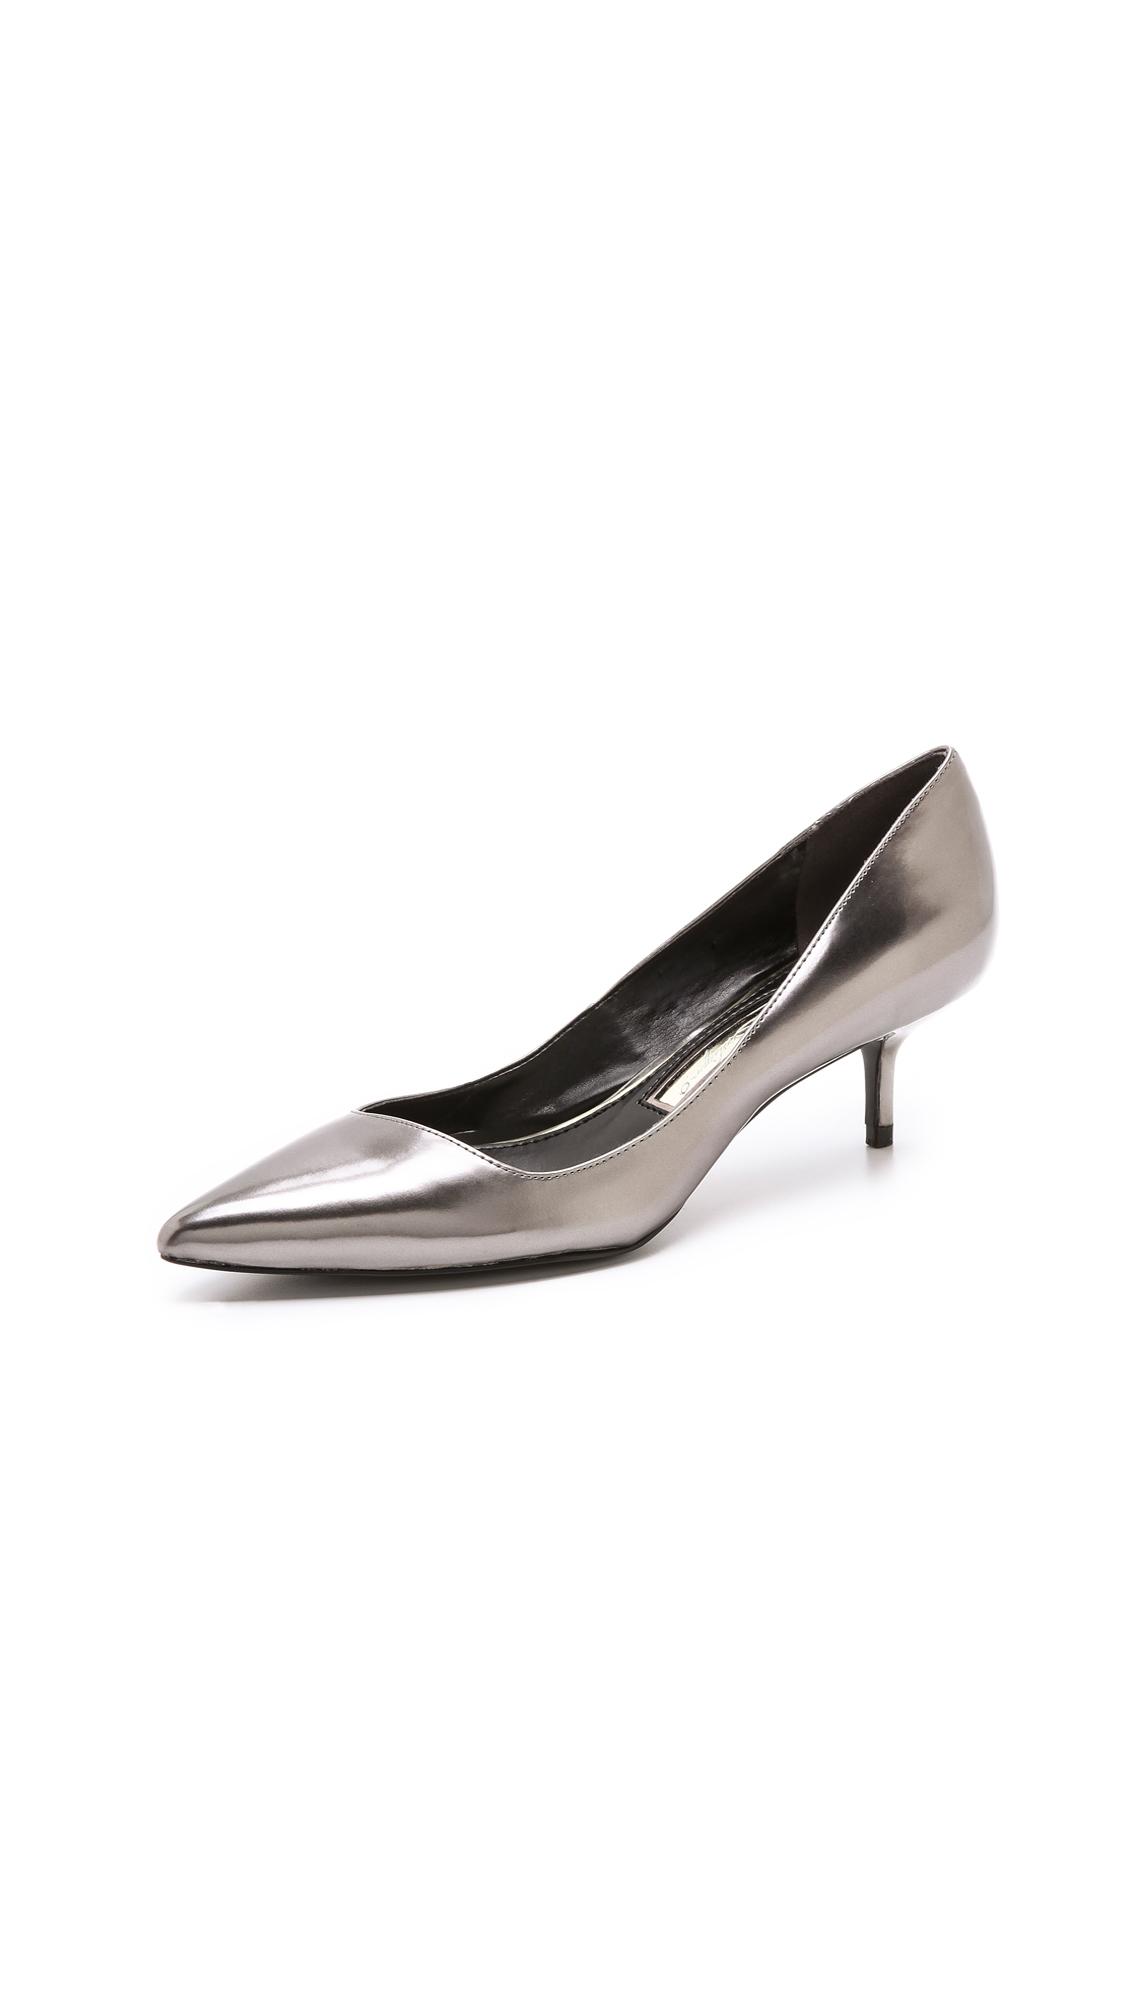 Boutique 9 Sophina Metallic Pumps On Kitten Heel in Metallic | Lyst